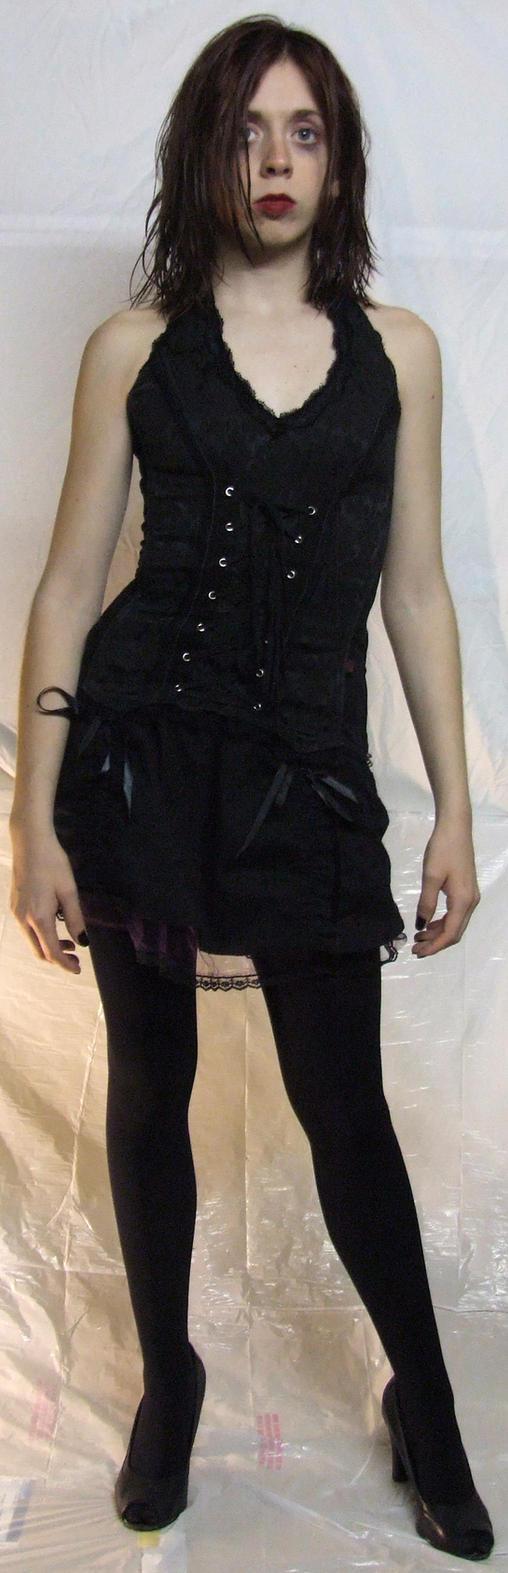 Goth hooker